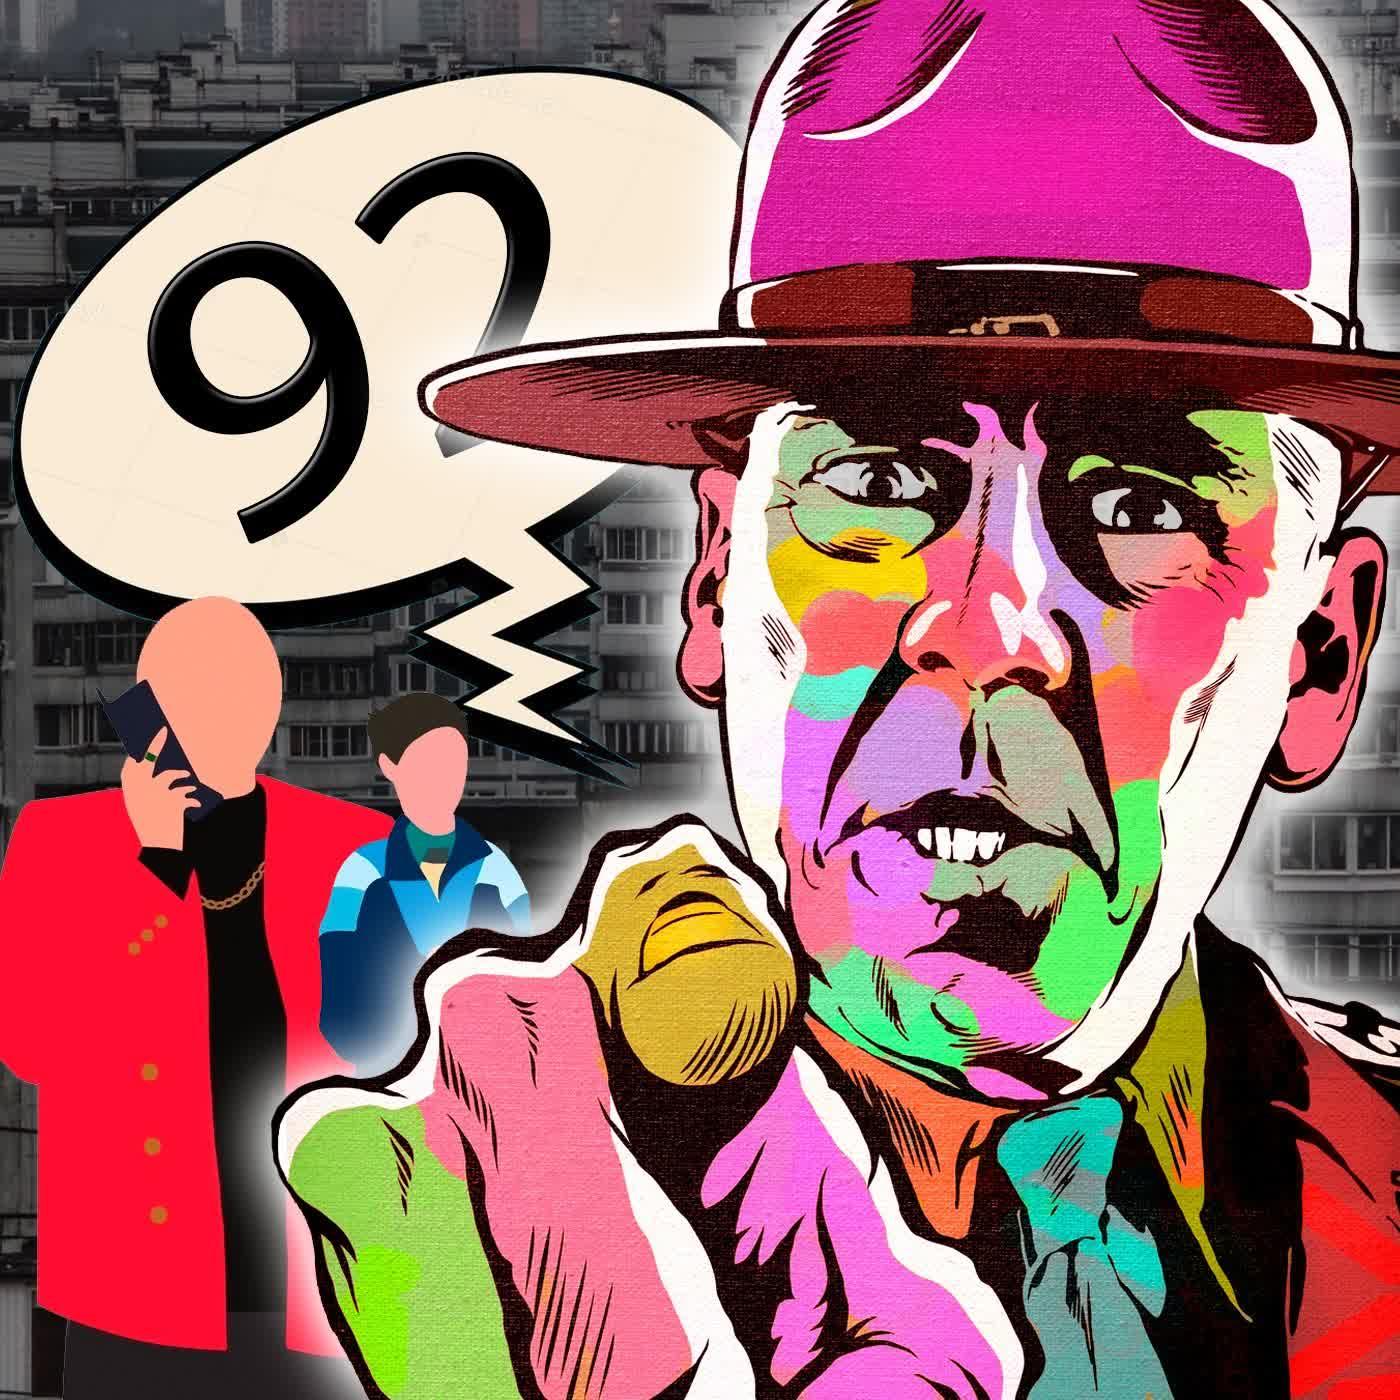 92 - Престарелые панки рассказывают о 90-тых, Хотели бы отравить — отравили бы,  Мудрость у женщин